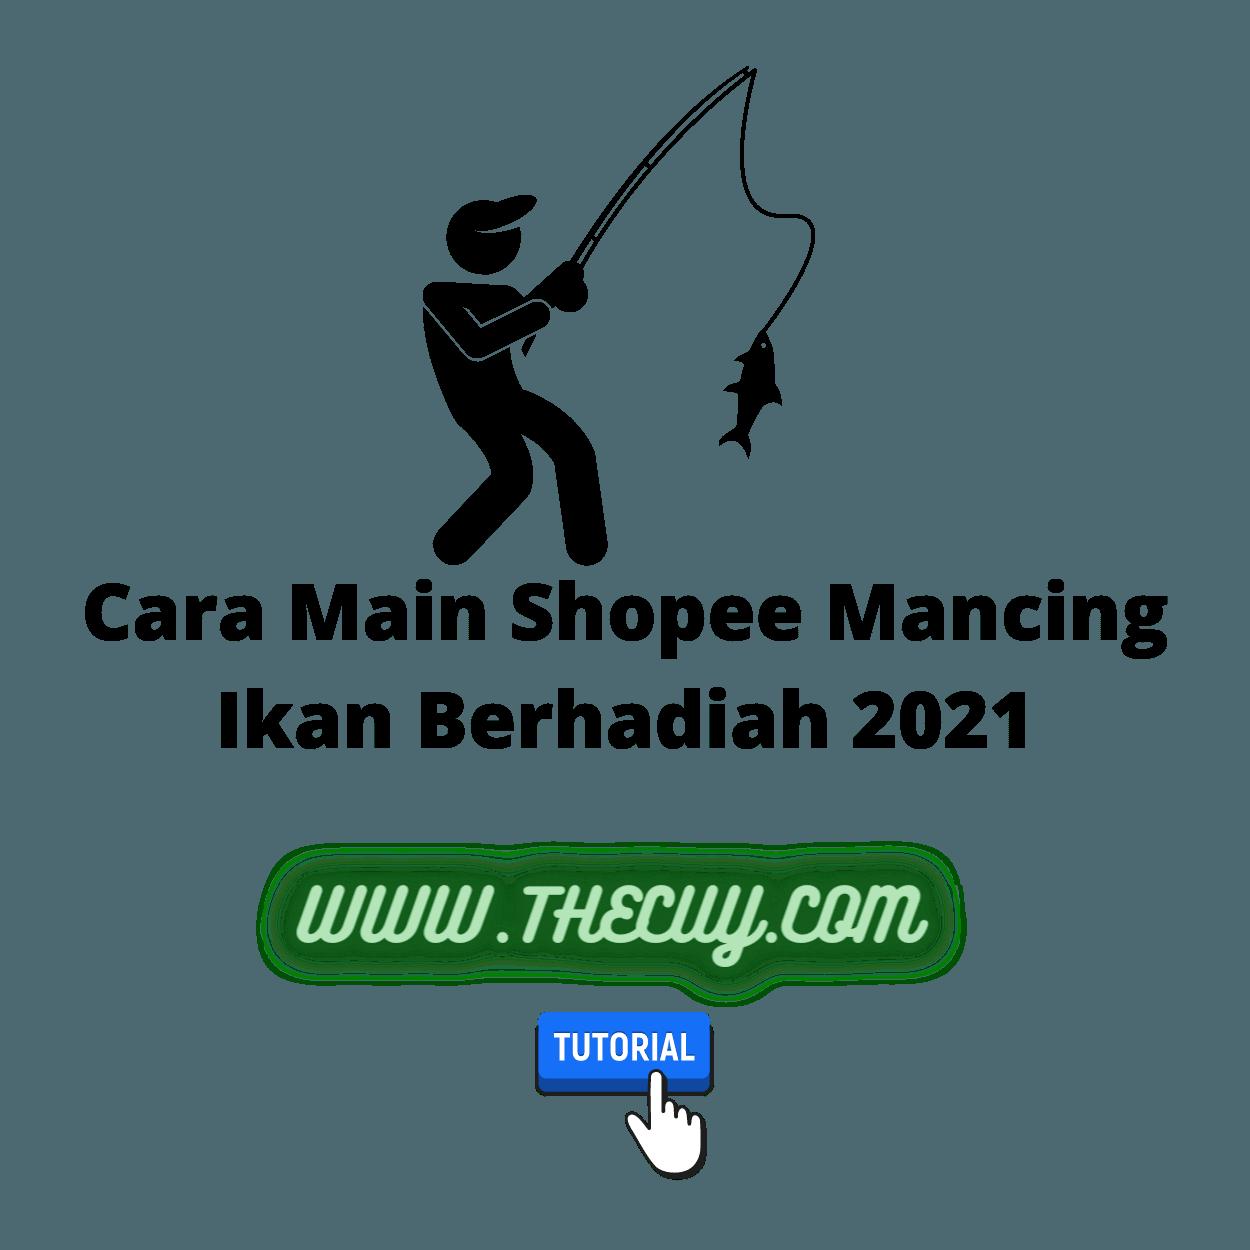 Cara Main Shopee Mancing Ikan Berhadiah 2021